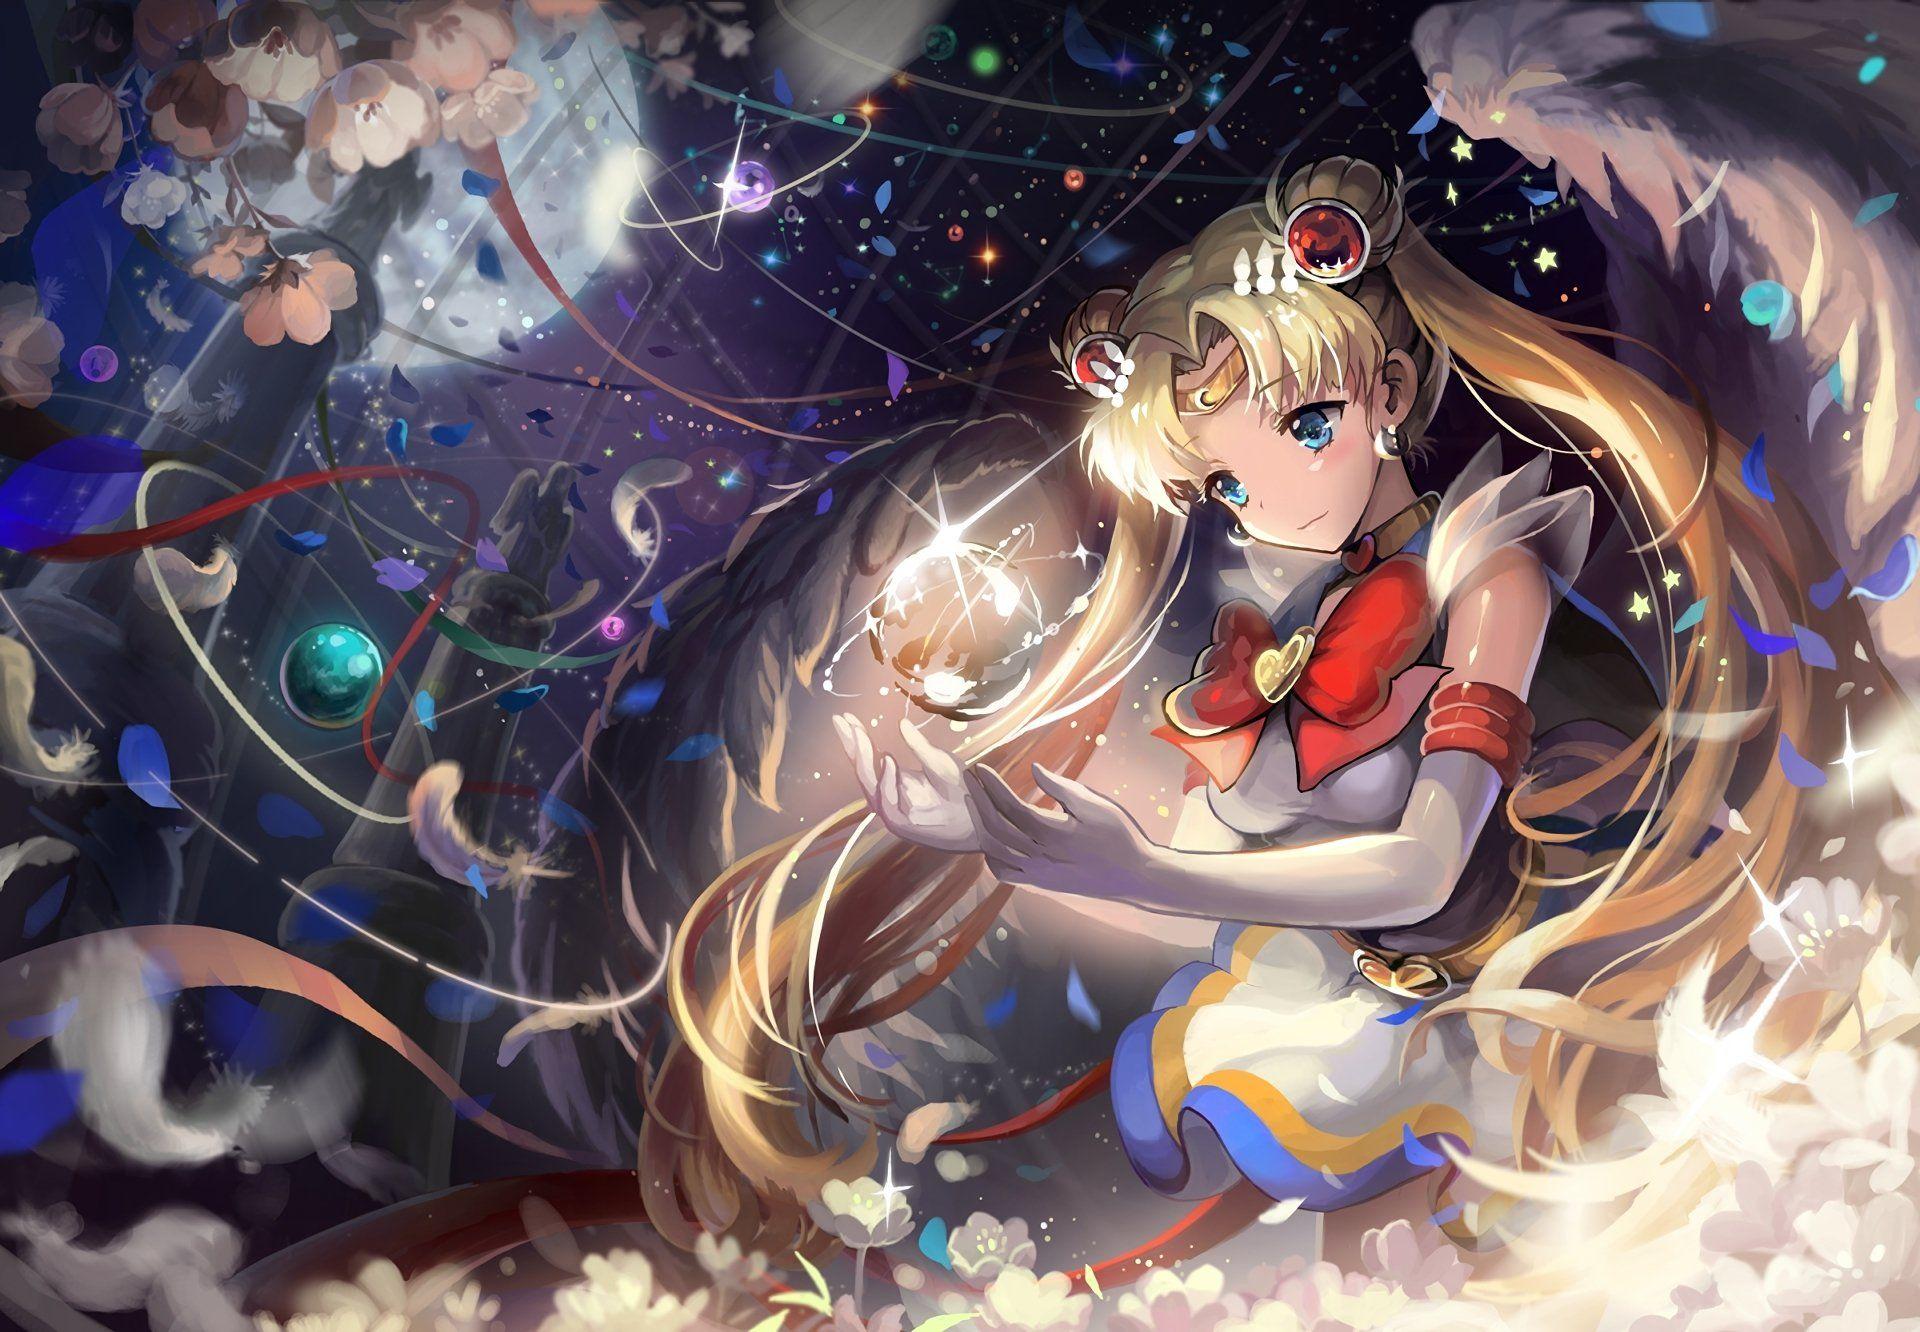 Fondos de pantalla sailor moon HD